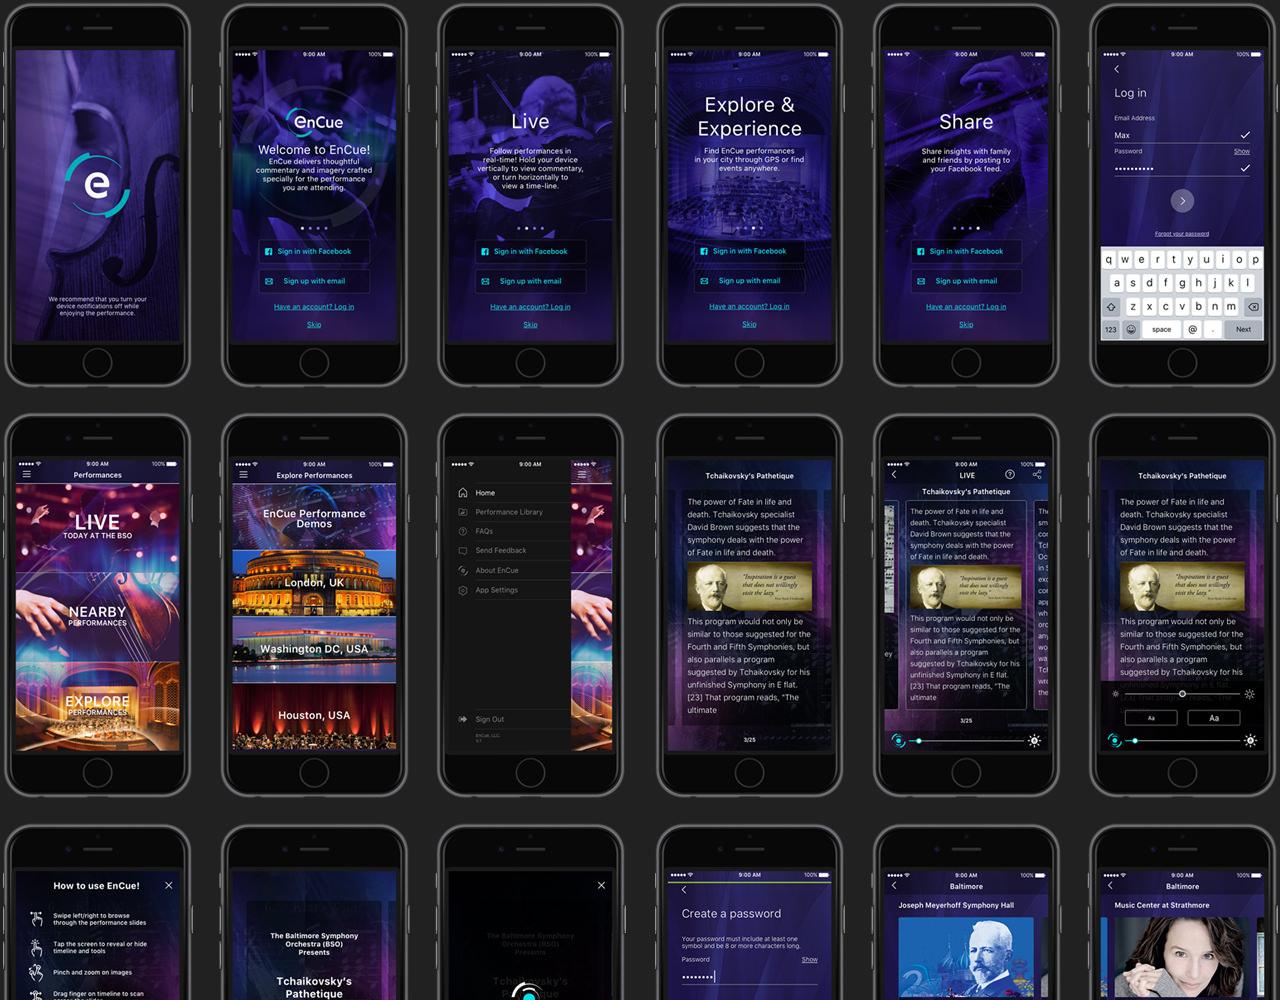 Encue-MobileScreens.jpg